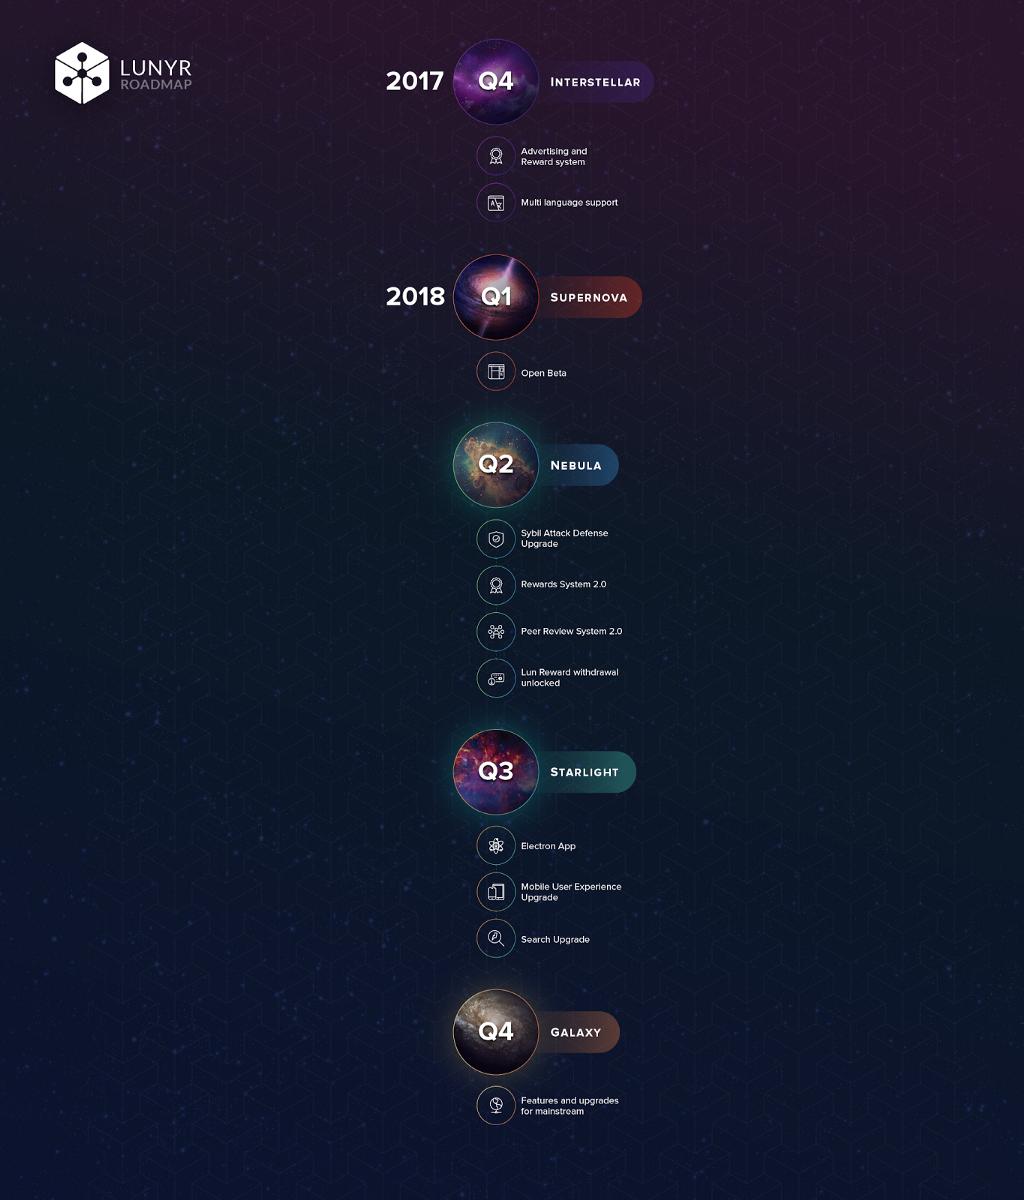 Lunyr roadmap